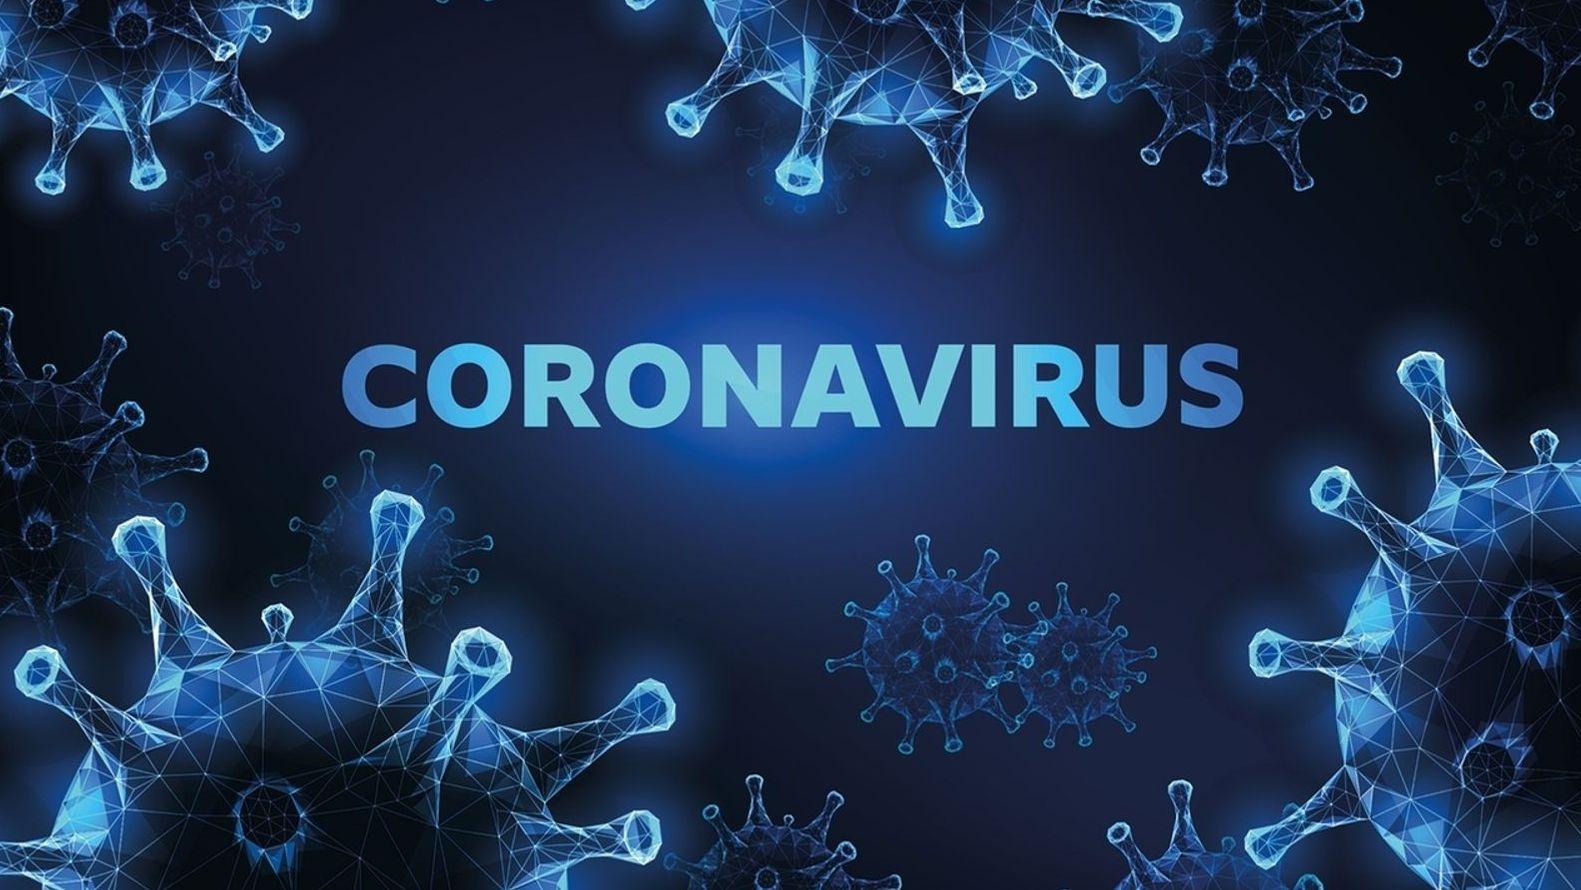 Aus der Oberpfalz werden weitere Corona-Infektionen gemeldet - auch Todesfälle.